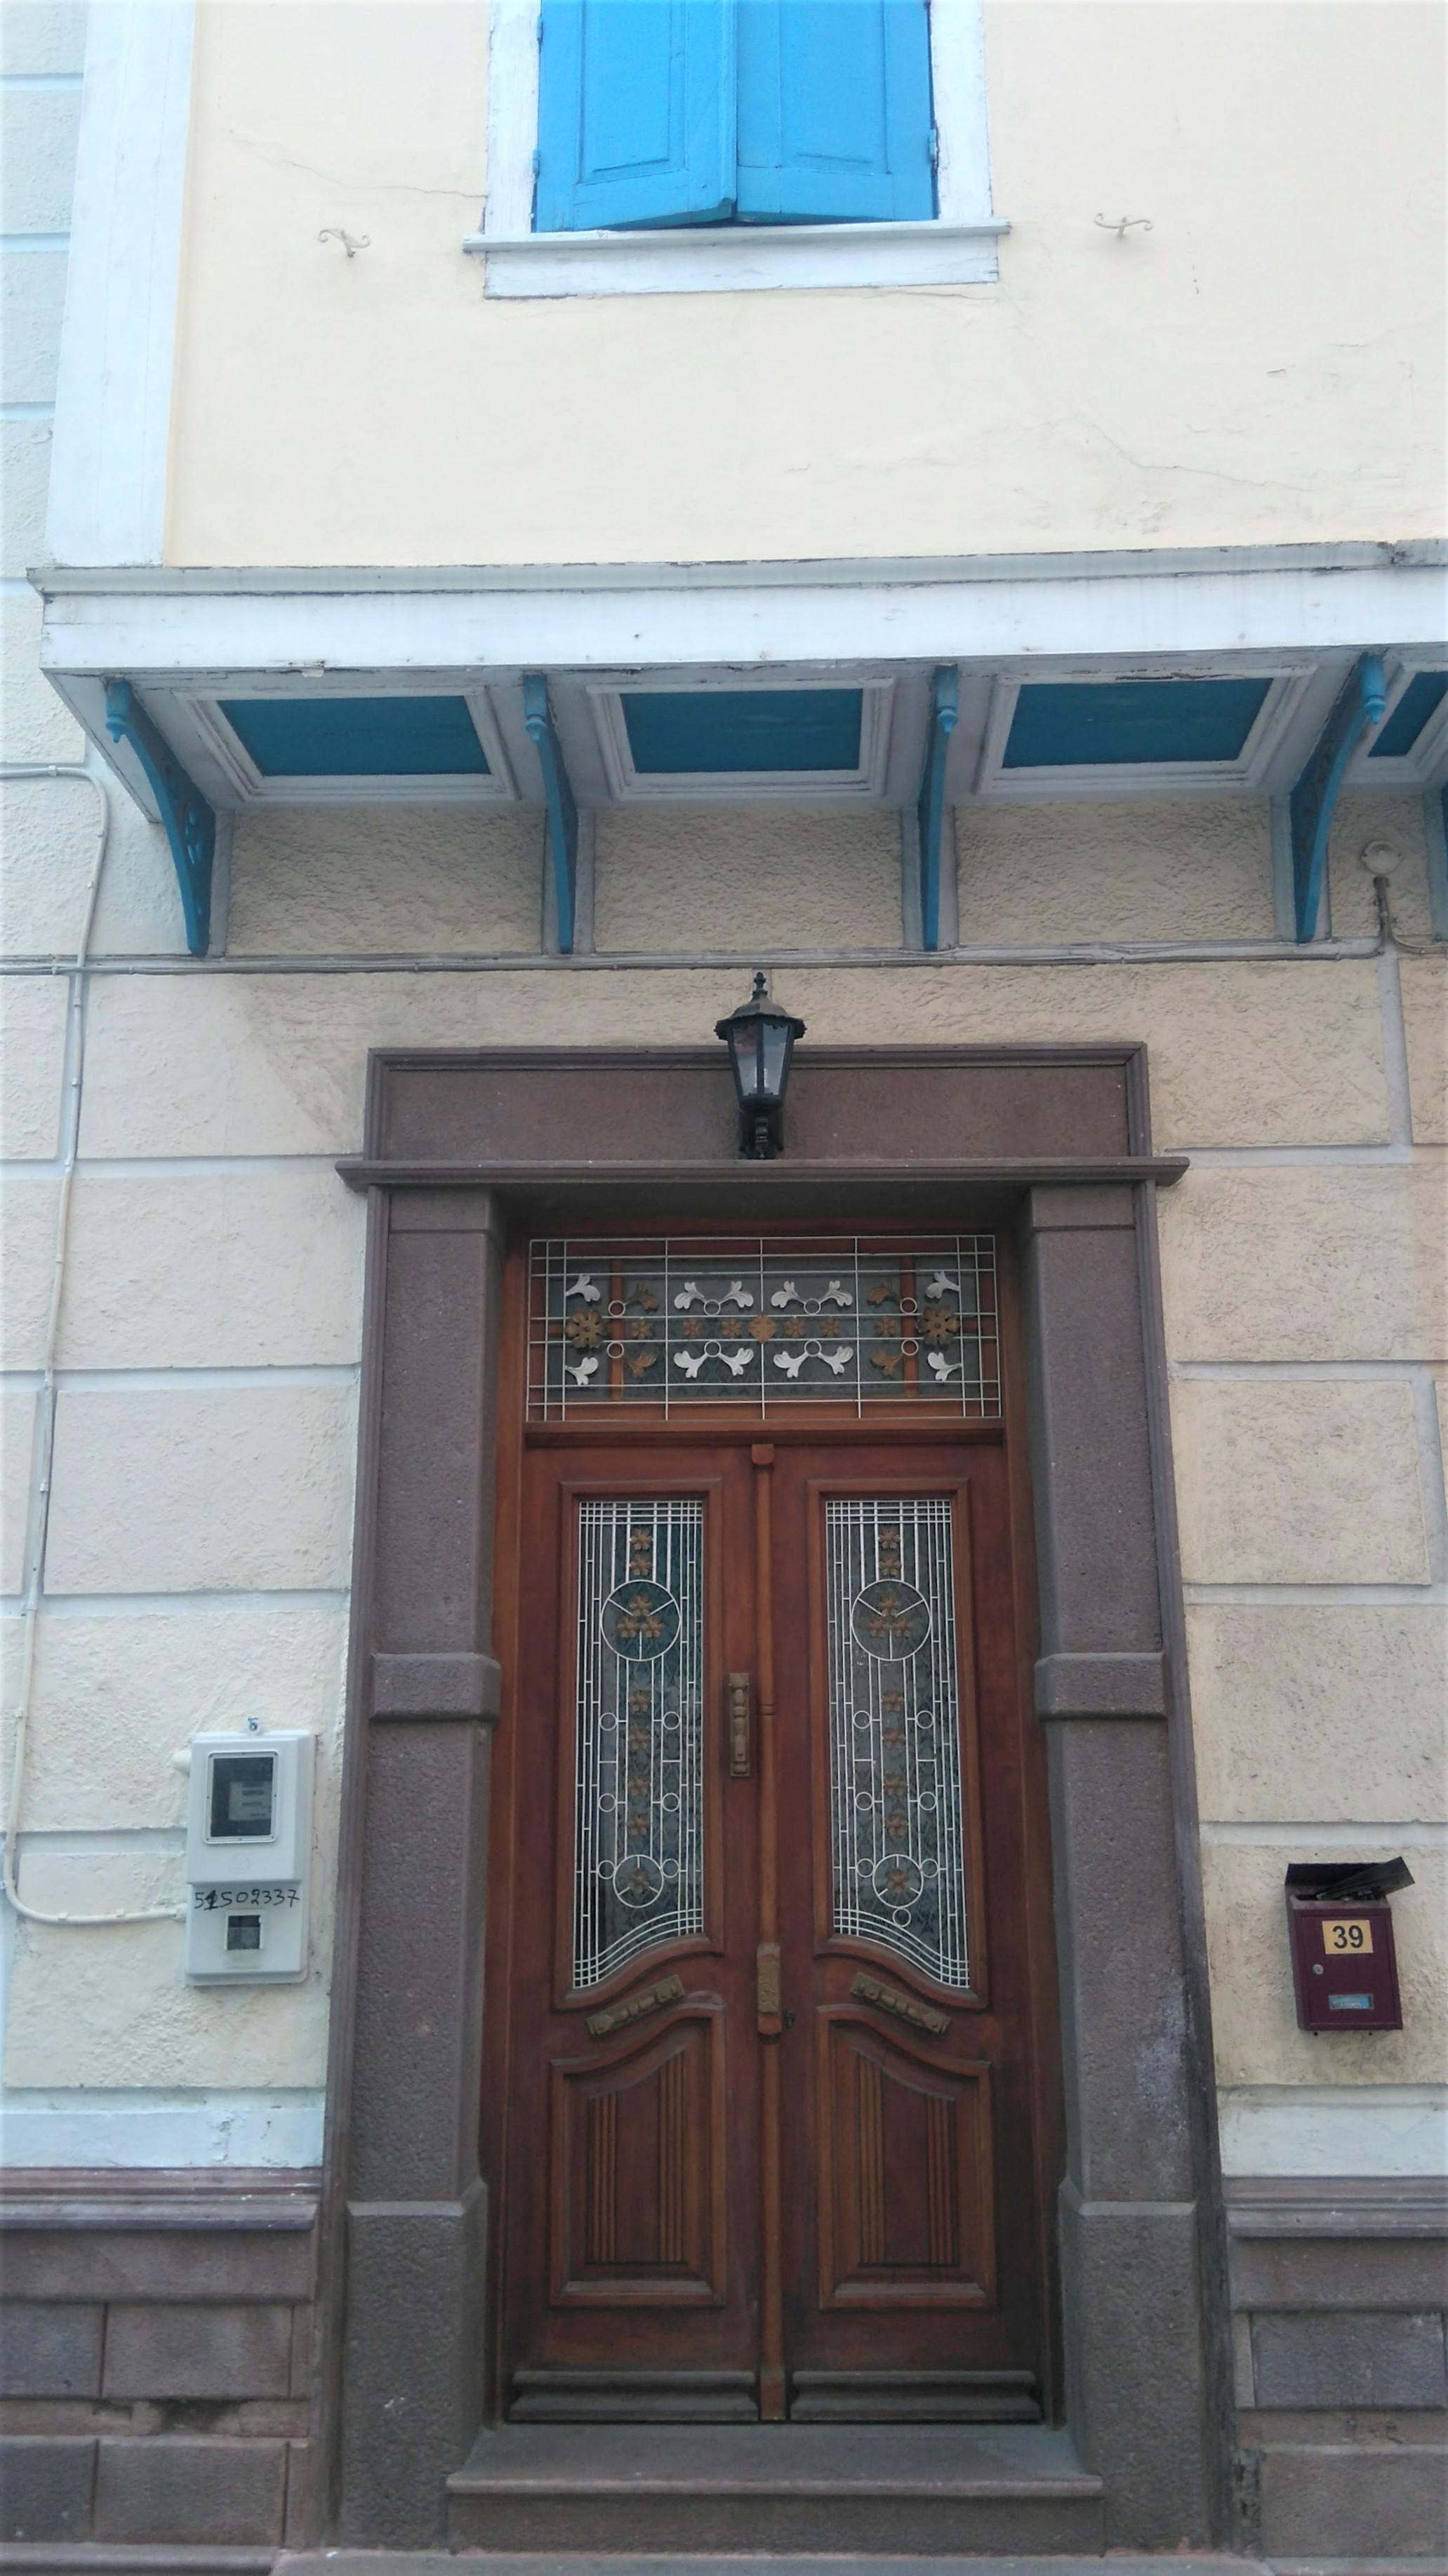 Doorway_0064 - Copy